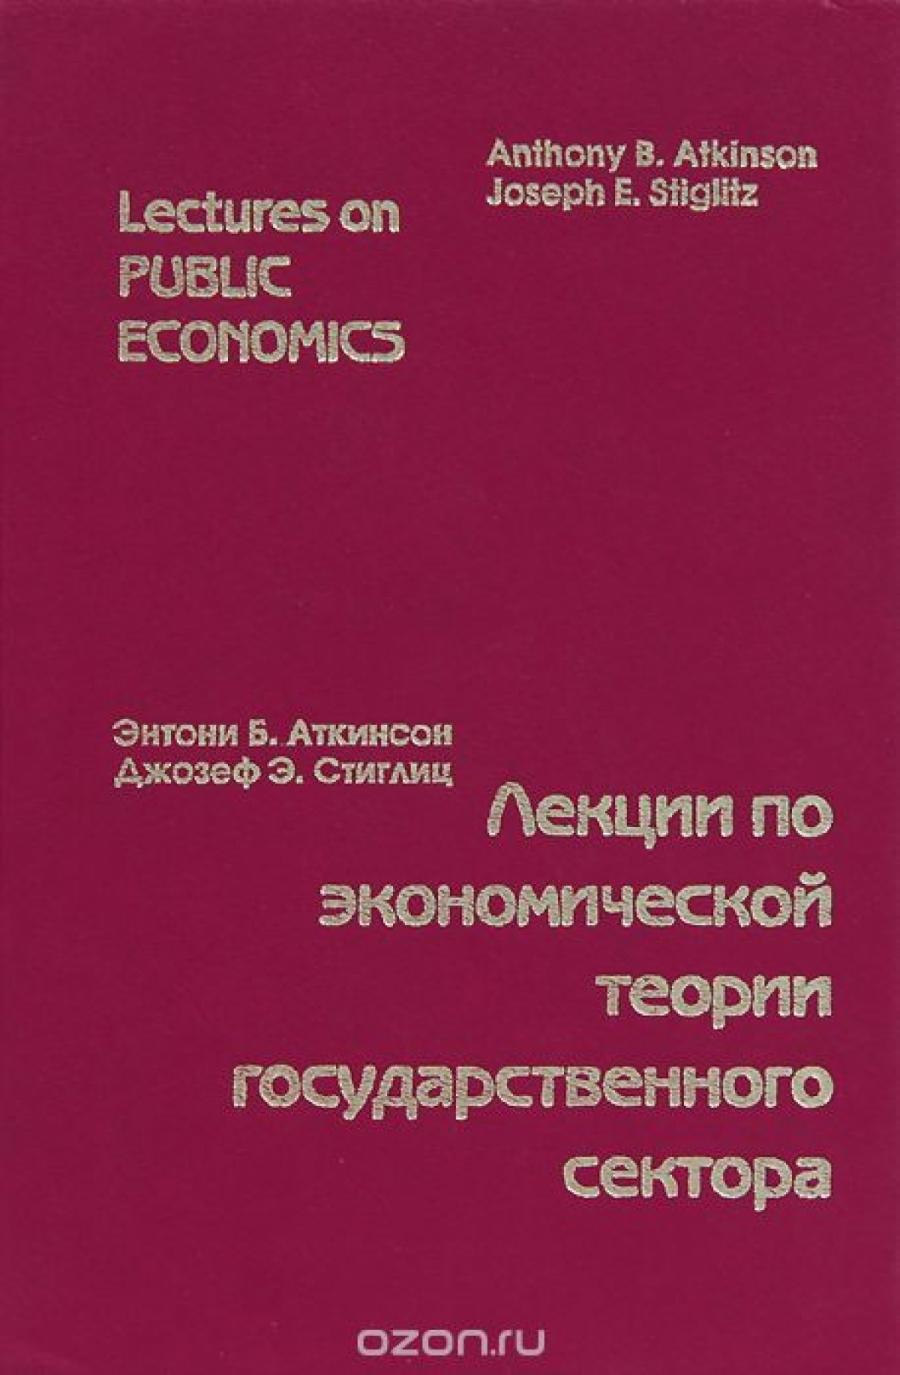 Обложка книги:  аткинсон э.б., стиглиц дж.э. - лекции по экономической теории государственного сектора